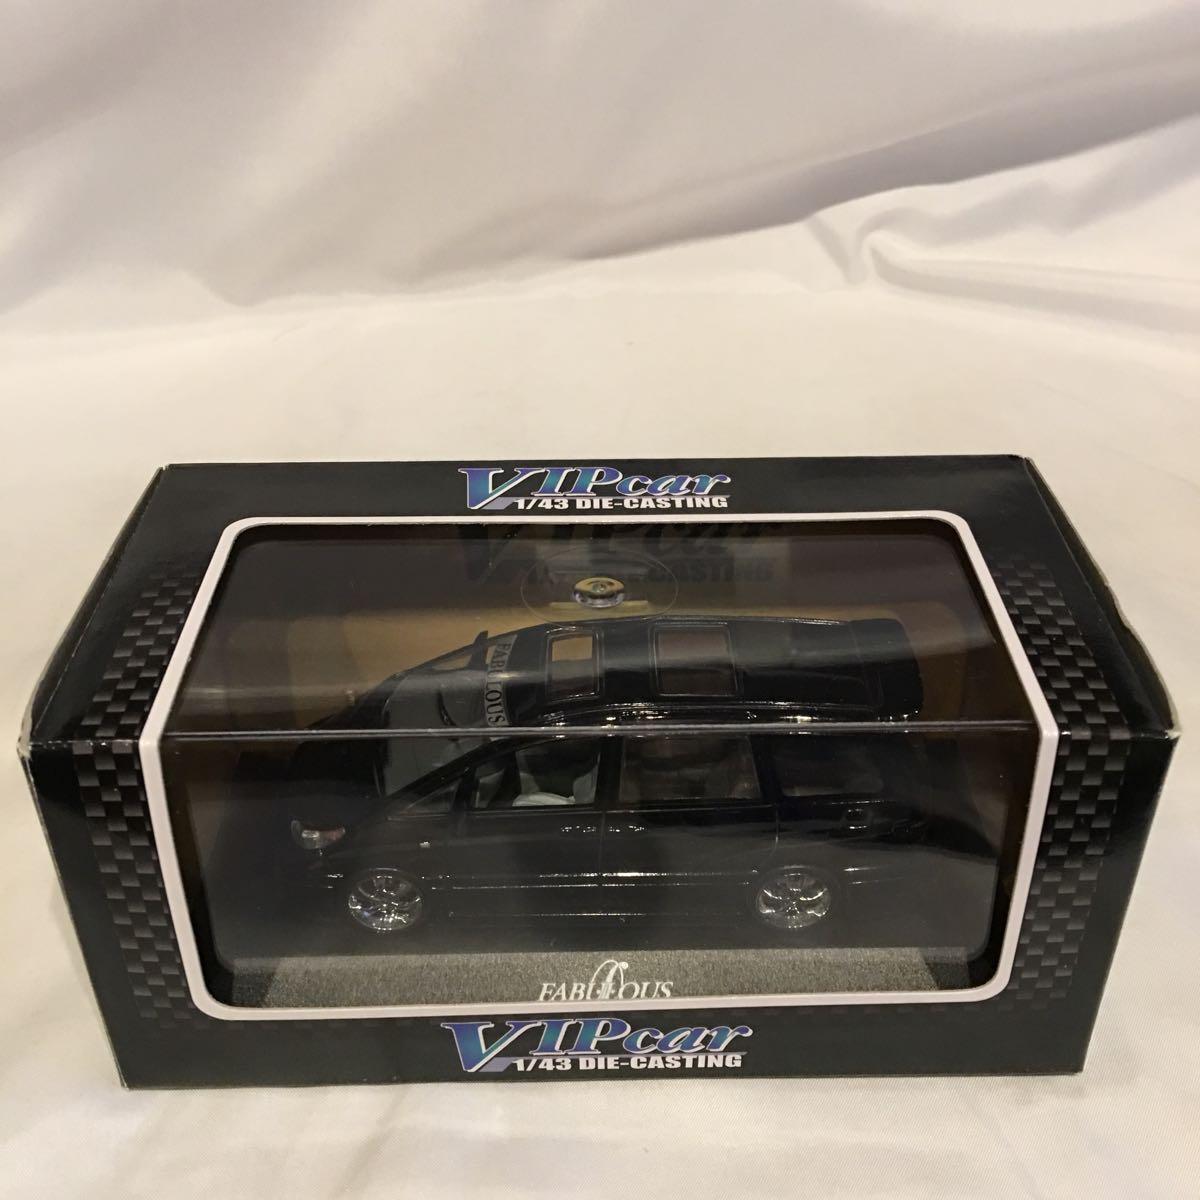 アオシマ 1/43 FABULOUS ACR MCR トヨタ エスティマ ブラック ミニカー ファブレス エアロ ホイール カスタム モデルカー 黒色 ESTIMA_画像2